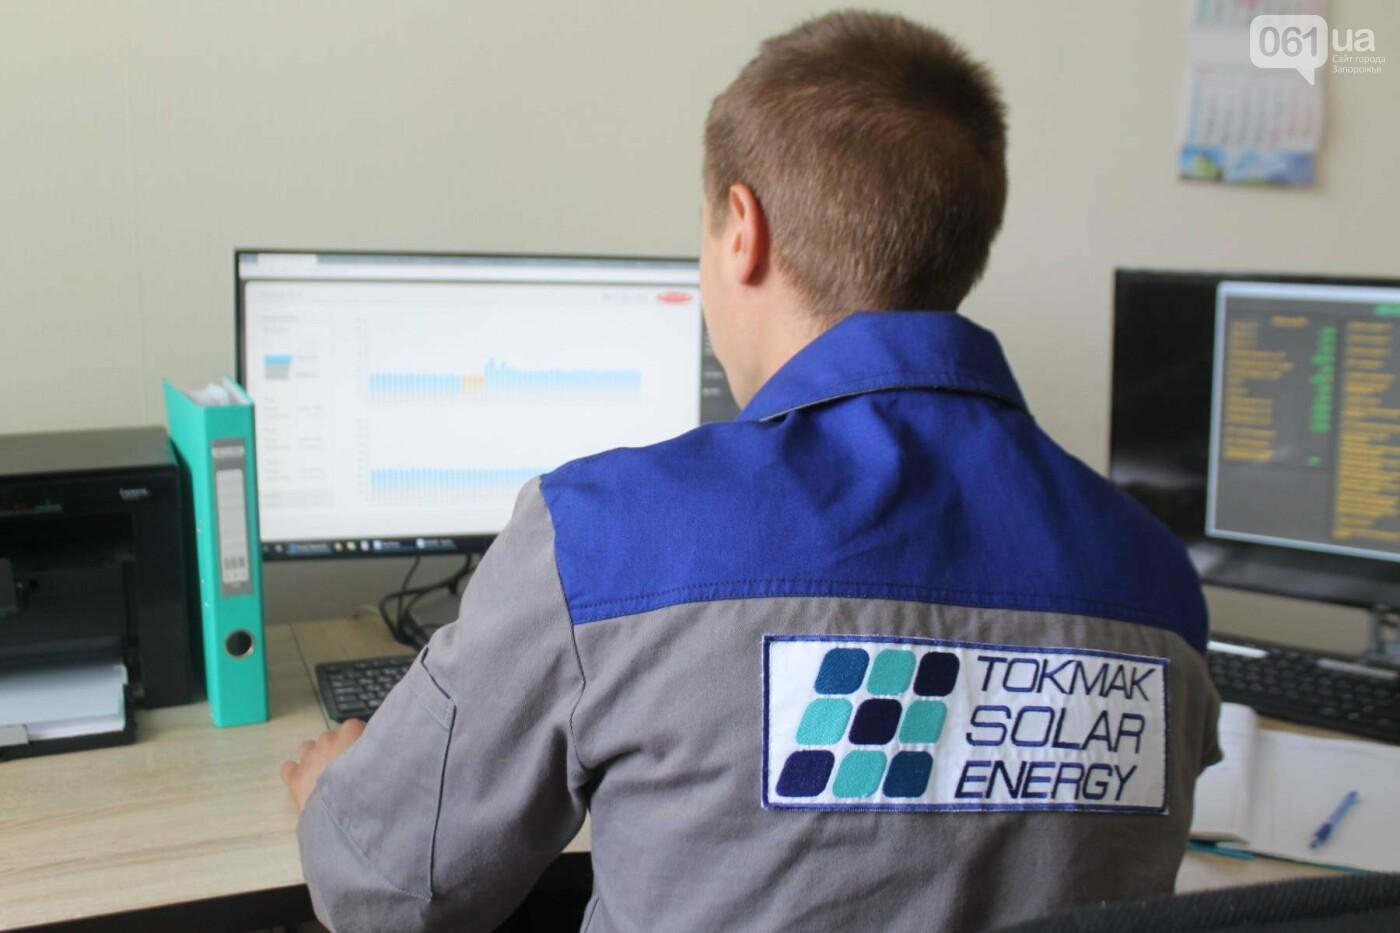 Как в Запорожской области работает крупнейшая в Украине солнечная станция: экскурсия на производство, — ФОТОРЕПОРТАЖ, фото-38